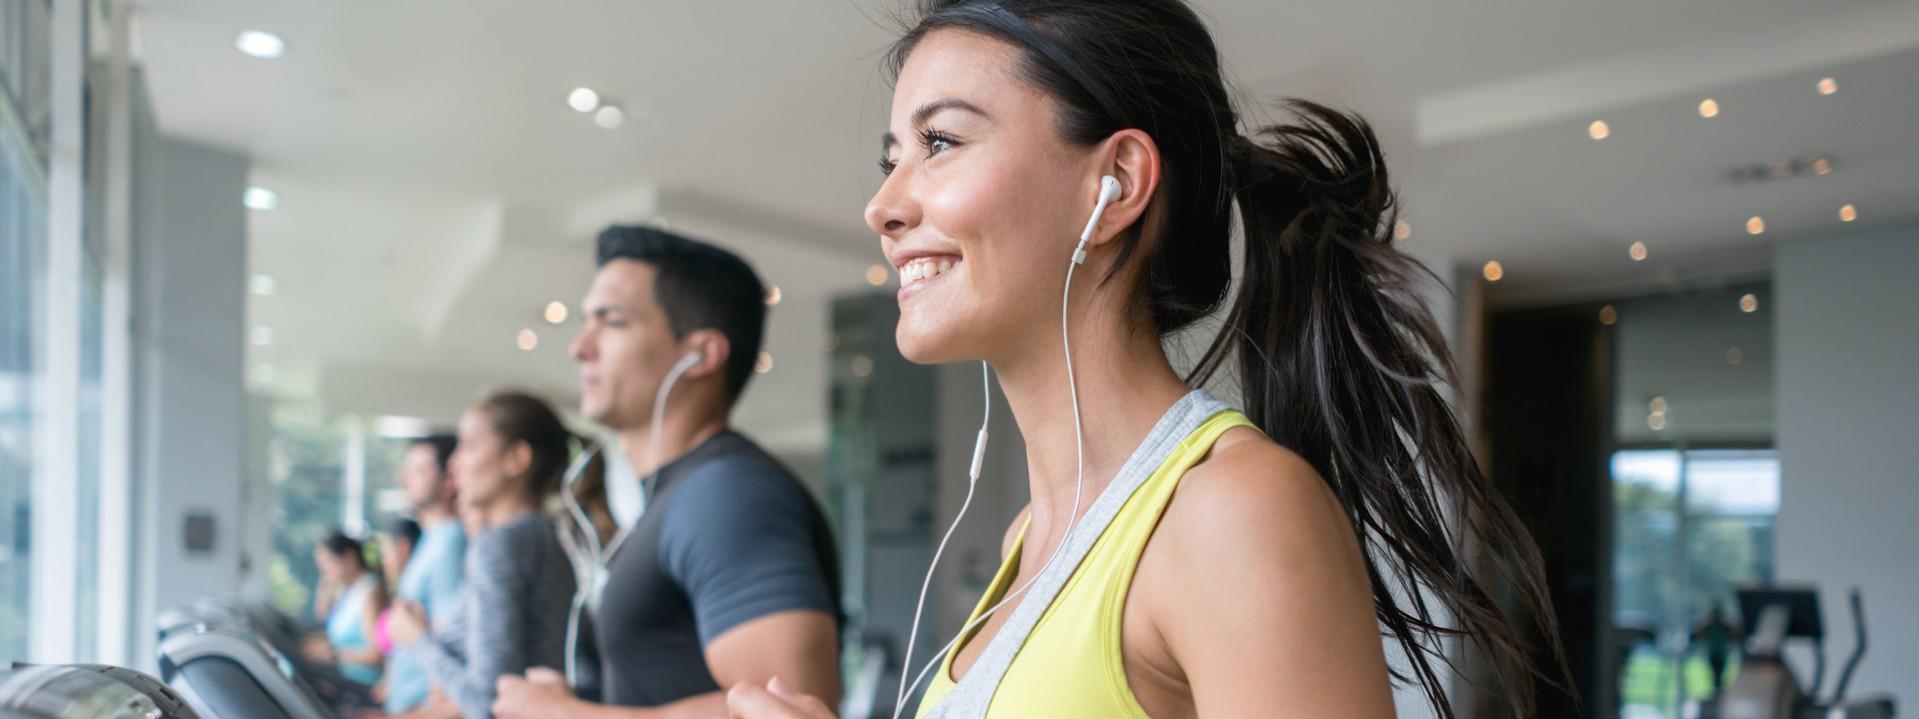 Eine etwa 30-jährige Frau läuft zusammen mit anderen Personen auf einem Laufband im Fitnessstudio.